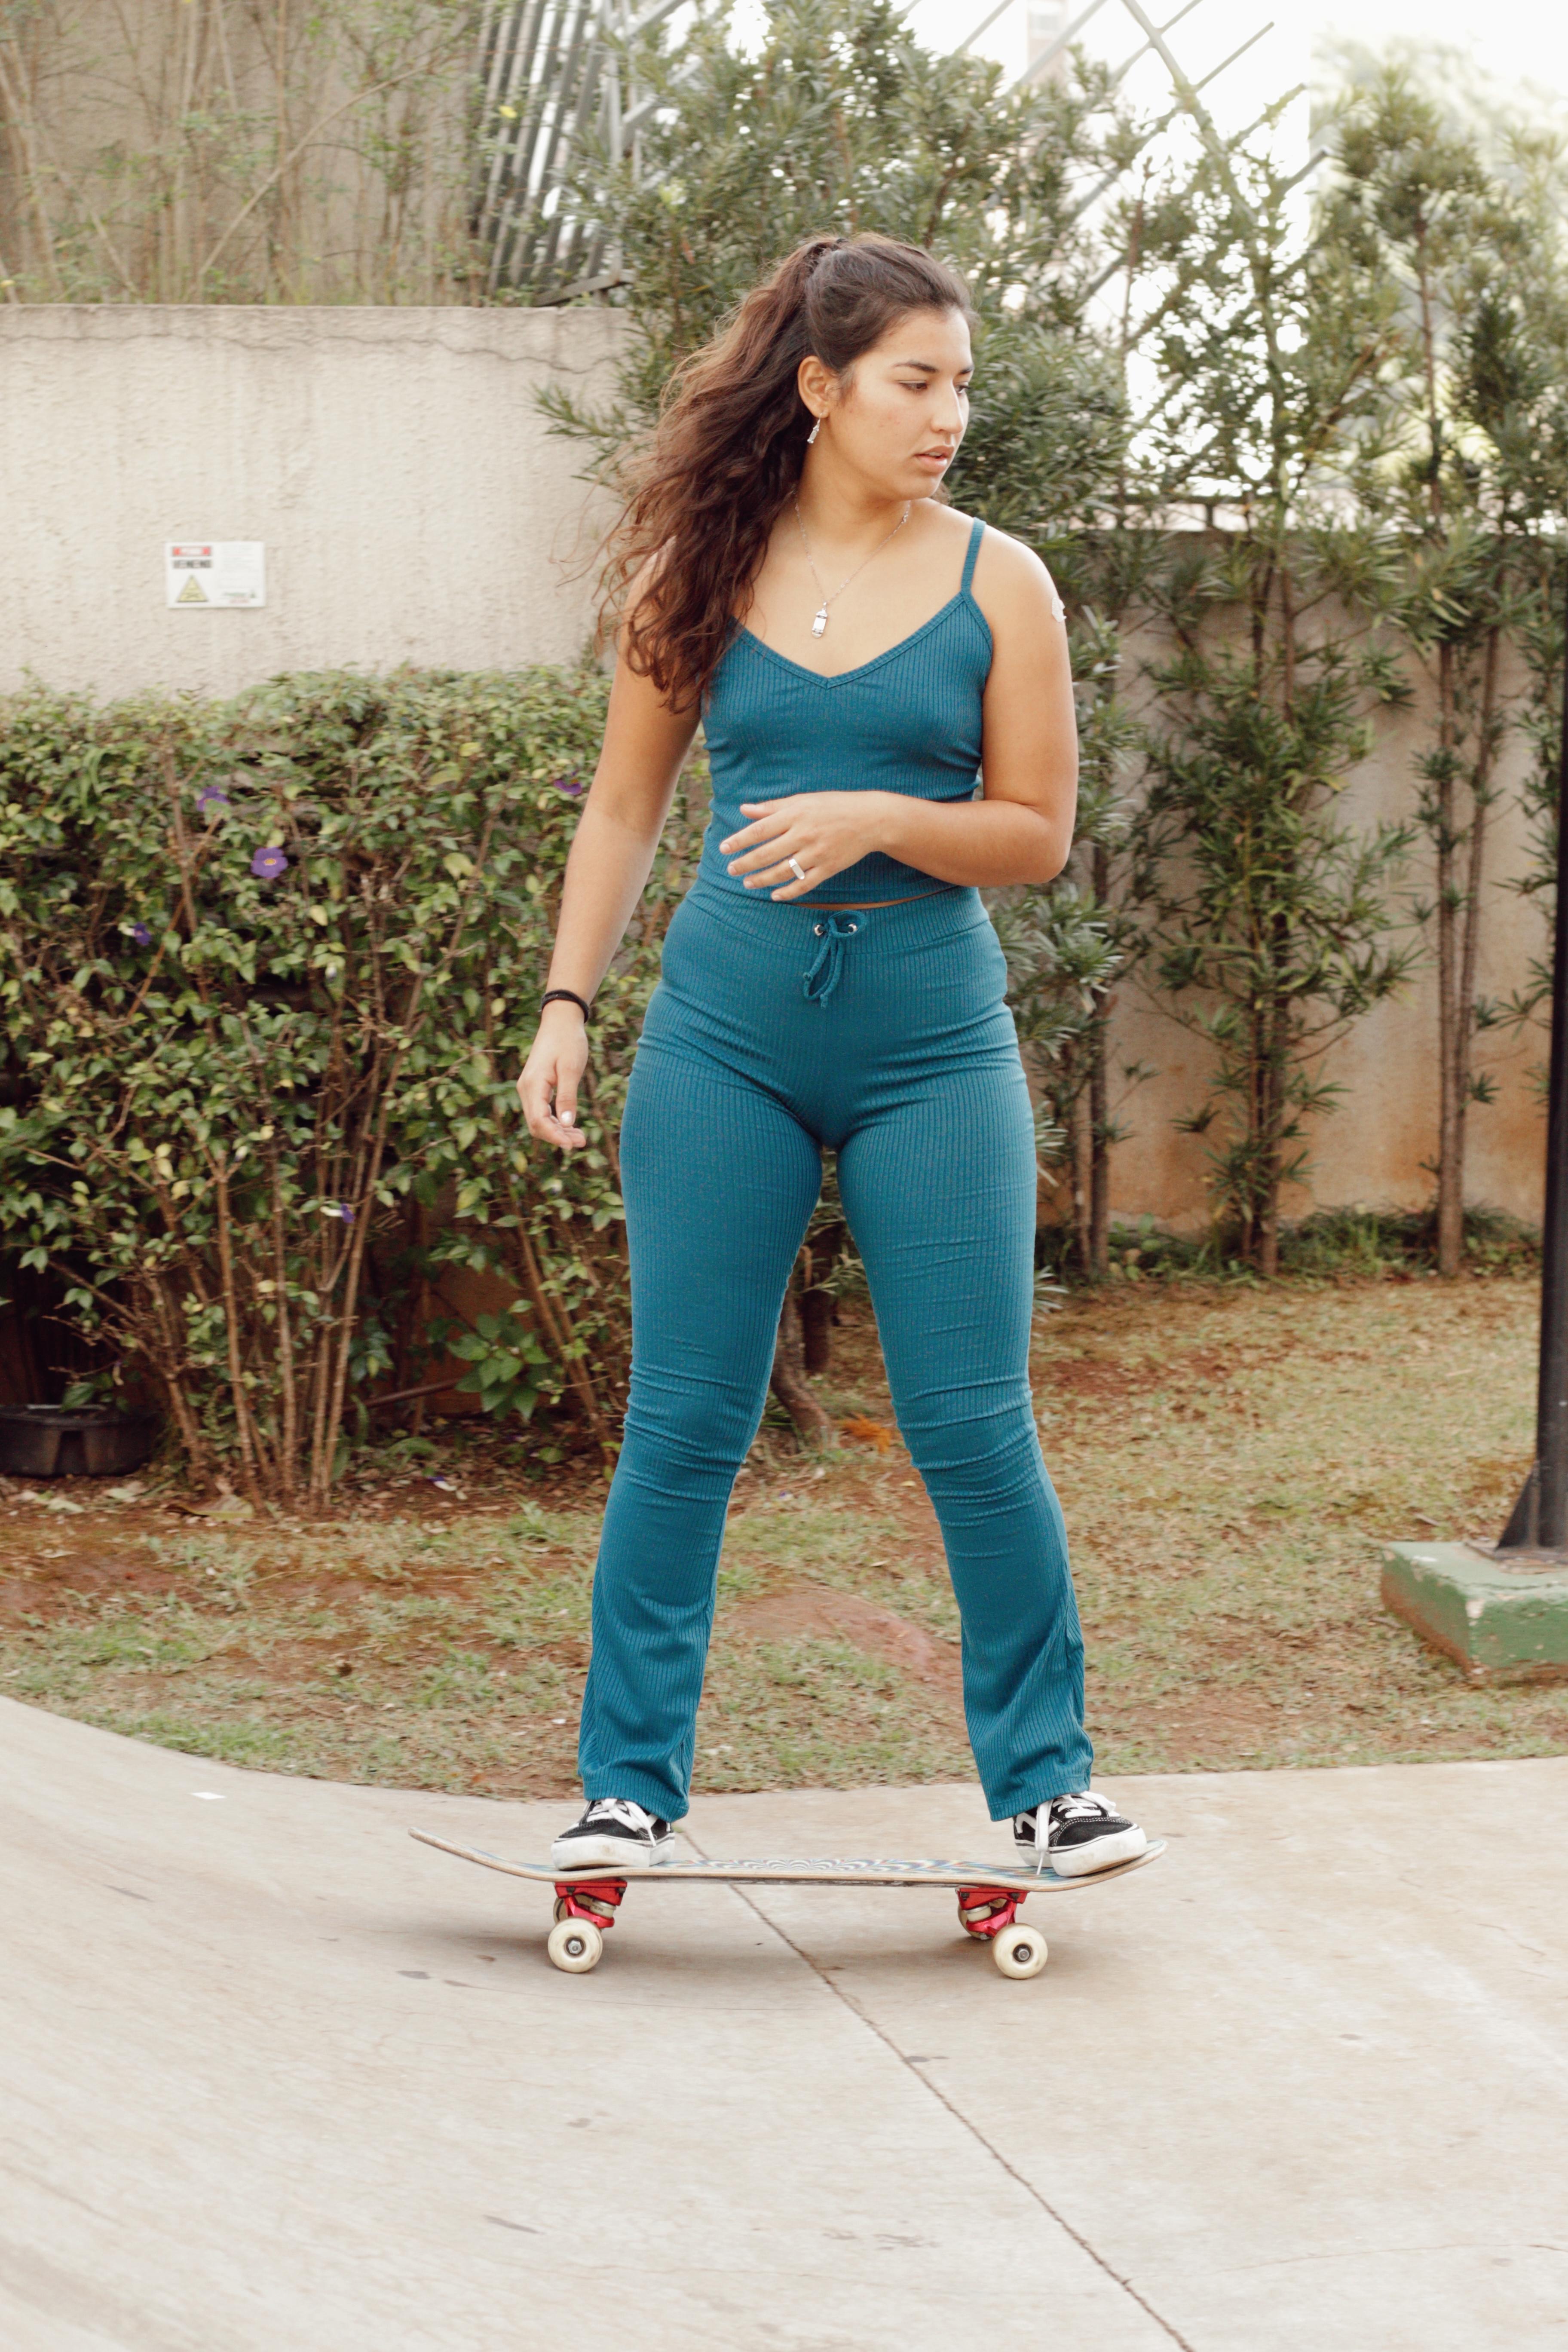 Thais Gazarra usando conjuntinho de regata e calça azuis enquanto anda de skate